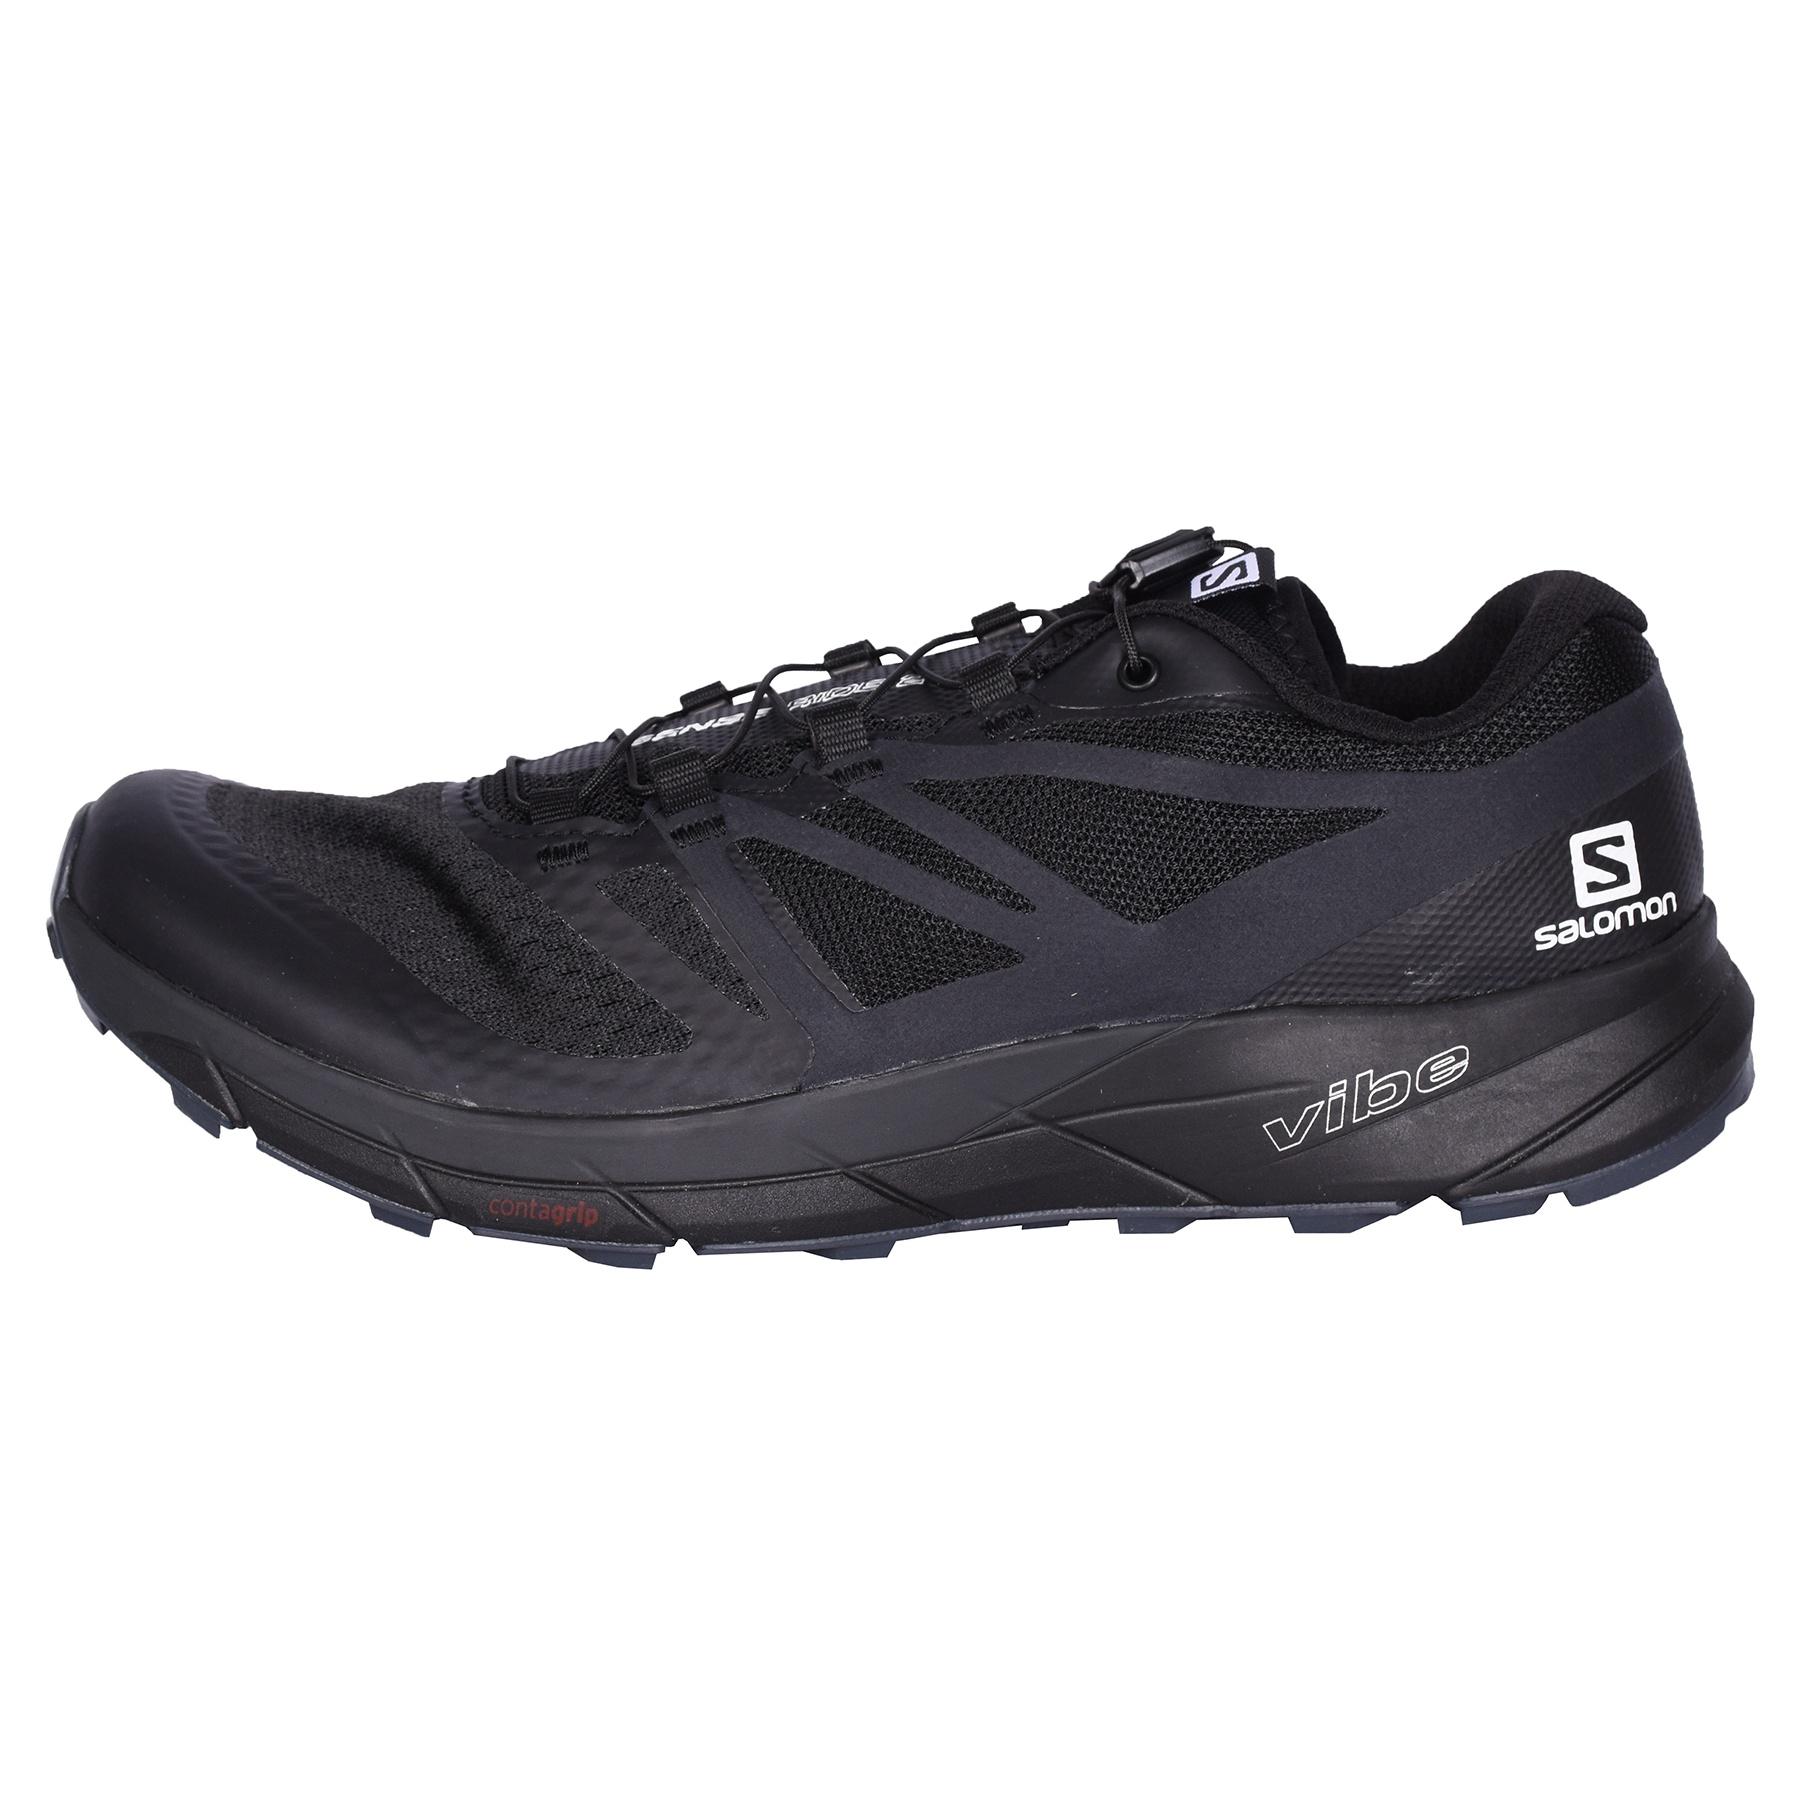 کفش مخصوص پیاده روی زنانه سالومون مدل   MT 408039